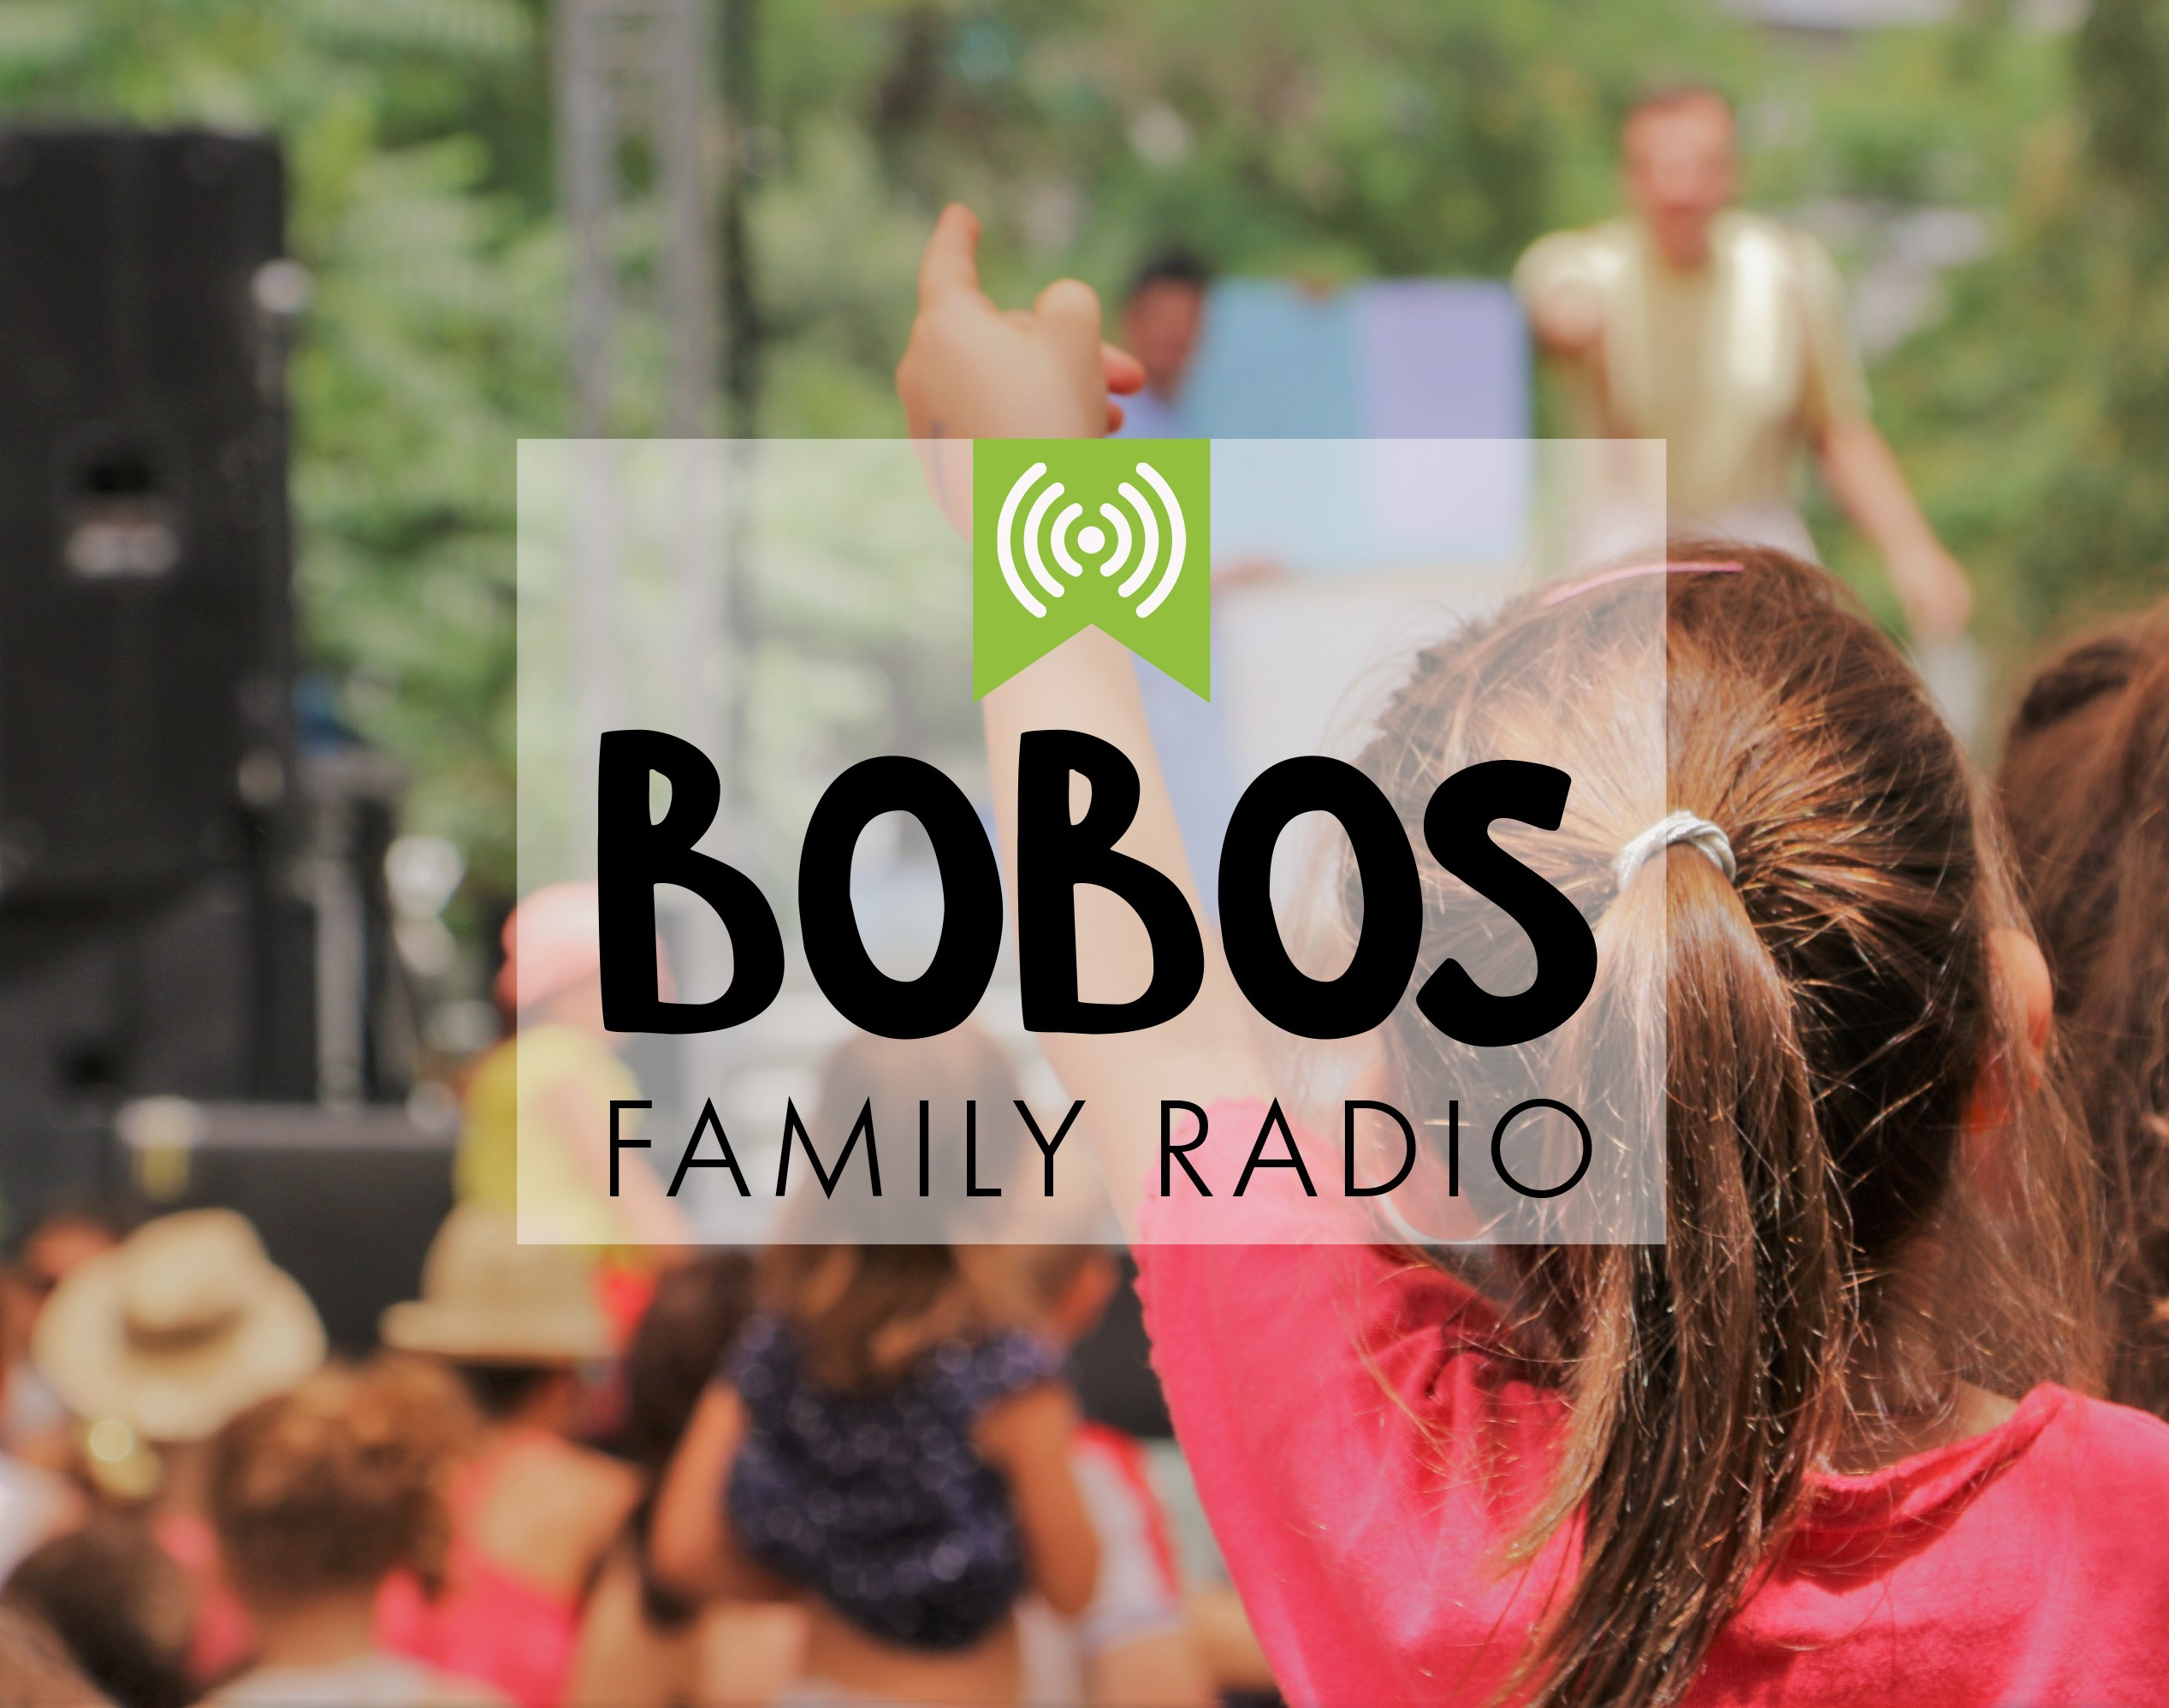 Επιστροφή στα θρανία με Bobos Family Radio